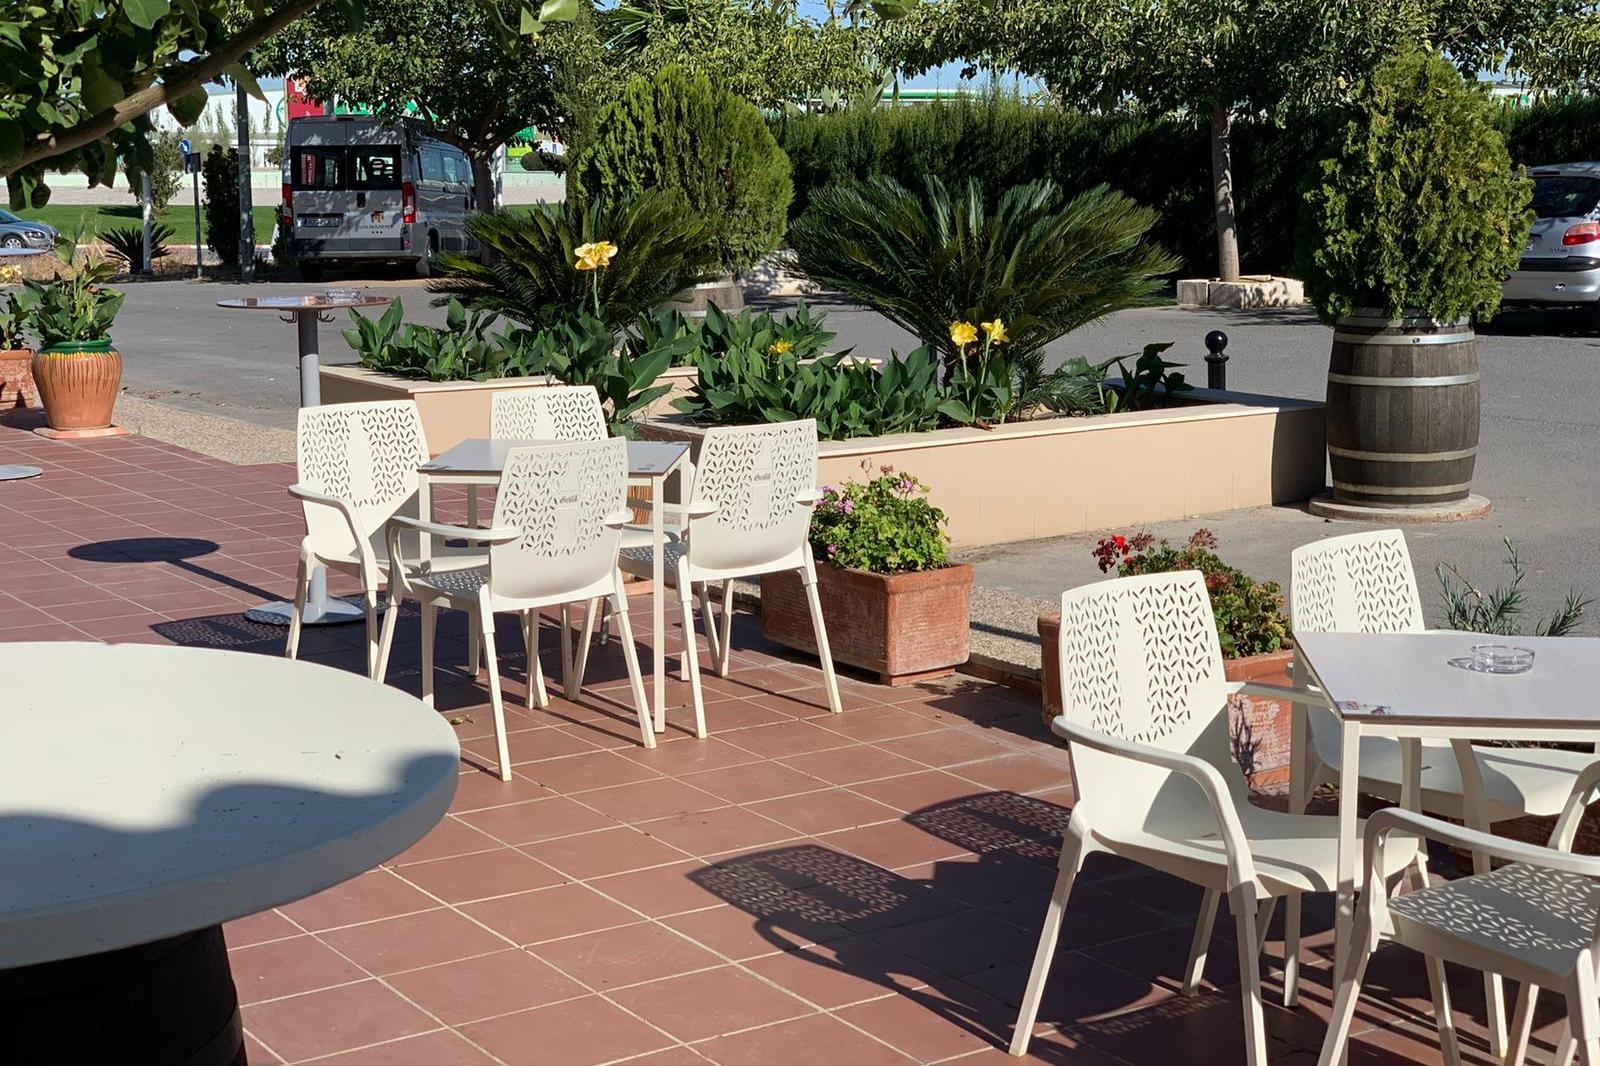 restaurante en antequera con terraza los dolmenes (2)